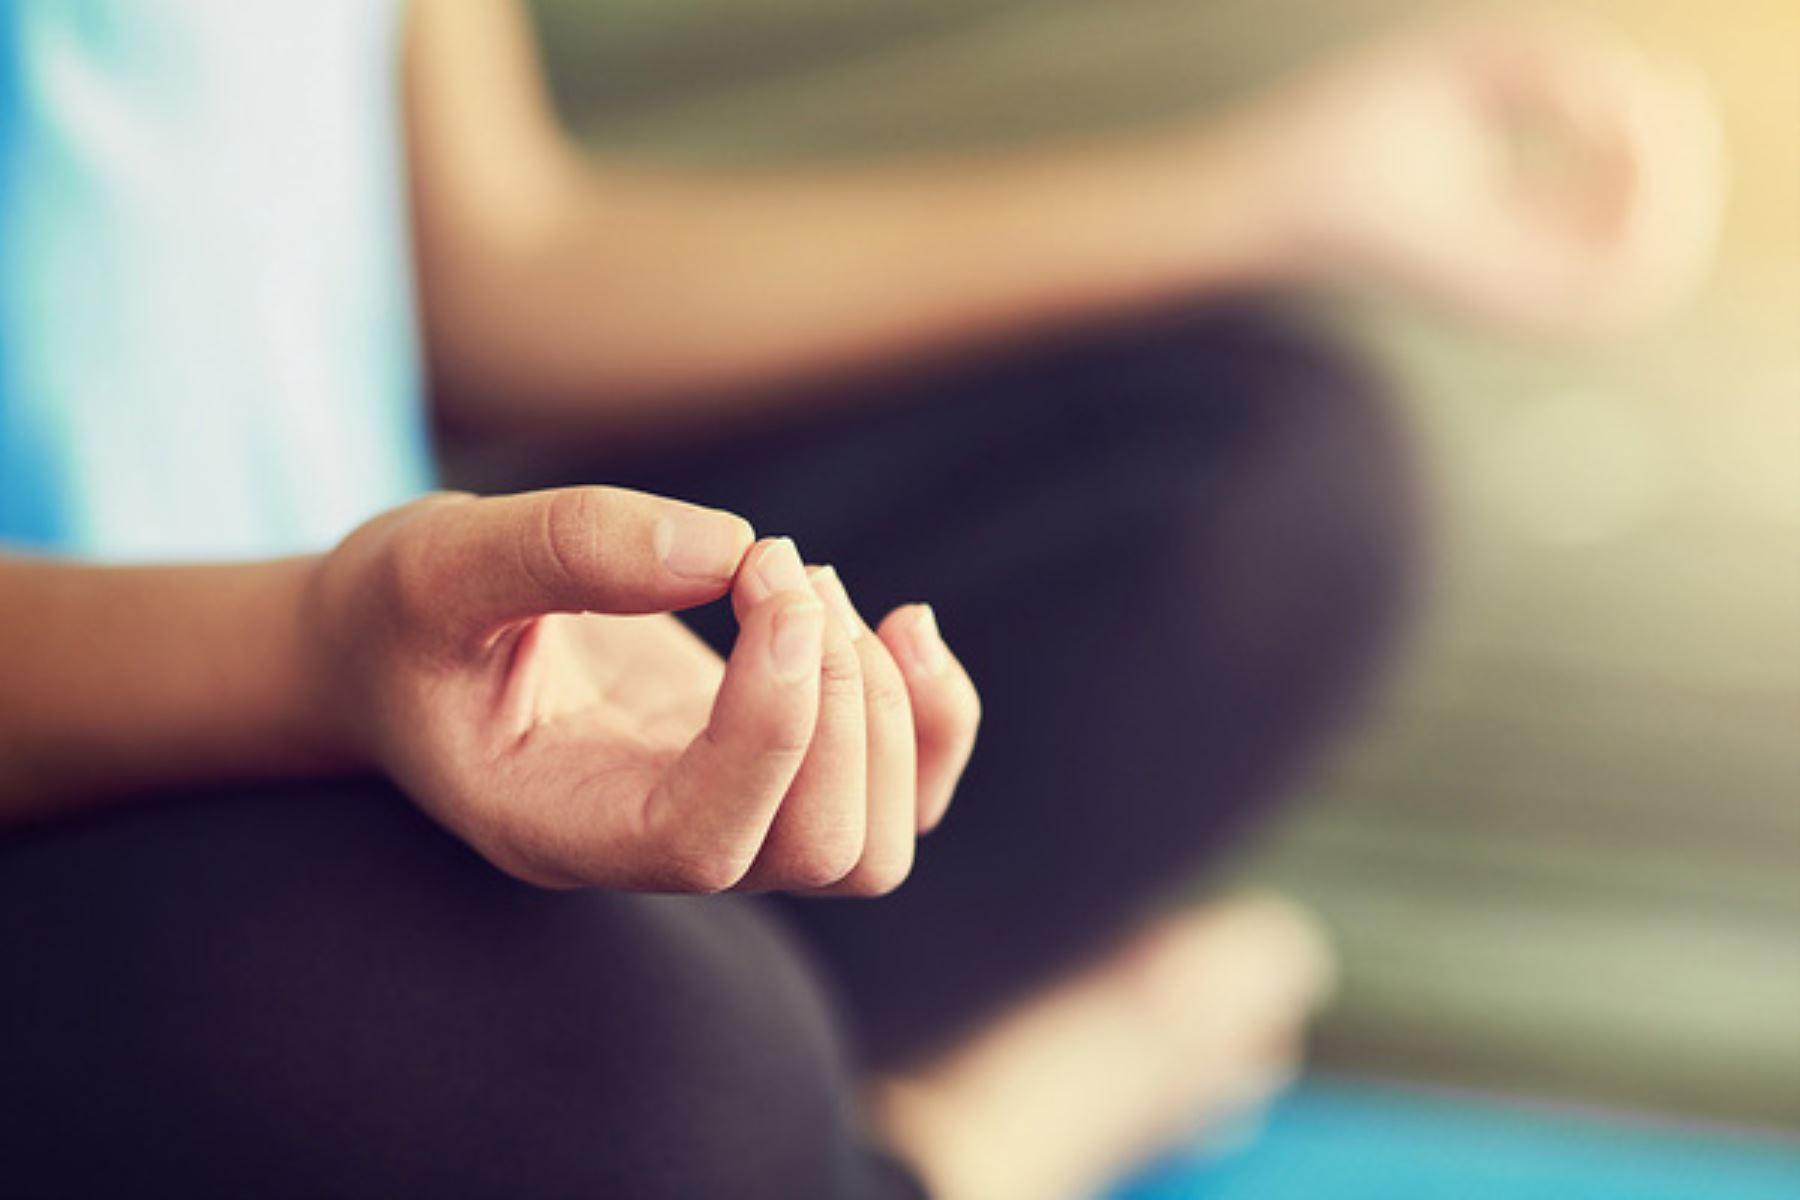 Por lo general, se recomienda meditar por las mañanas, pero podemos hacerlos en cualquier momento, señala maestro budista. Foto: ANDINA/Difusión